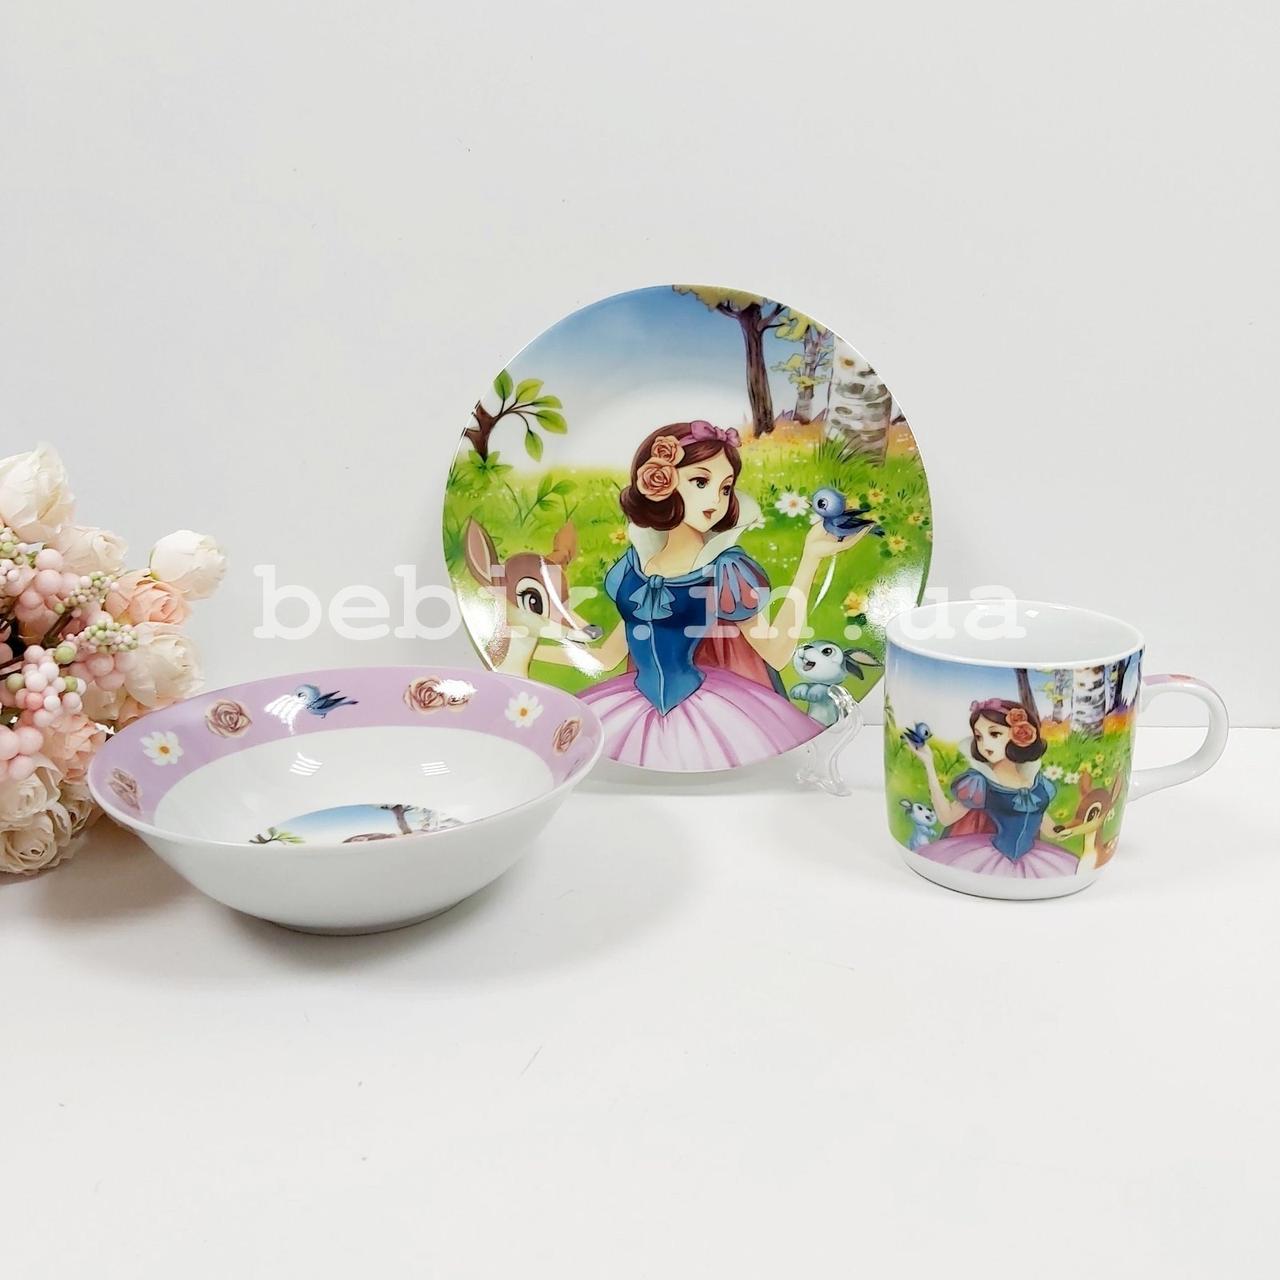 Набор детской посуды из керамики Белоснежка для девочек